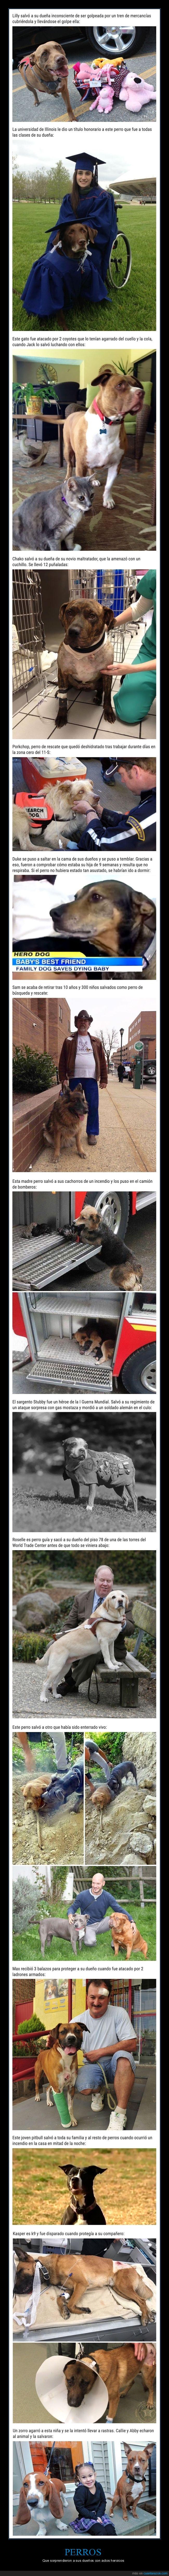 actos heroicos,héroes,perros